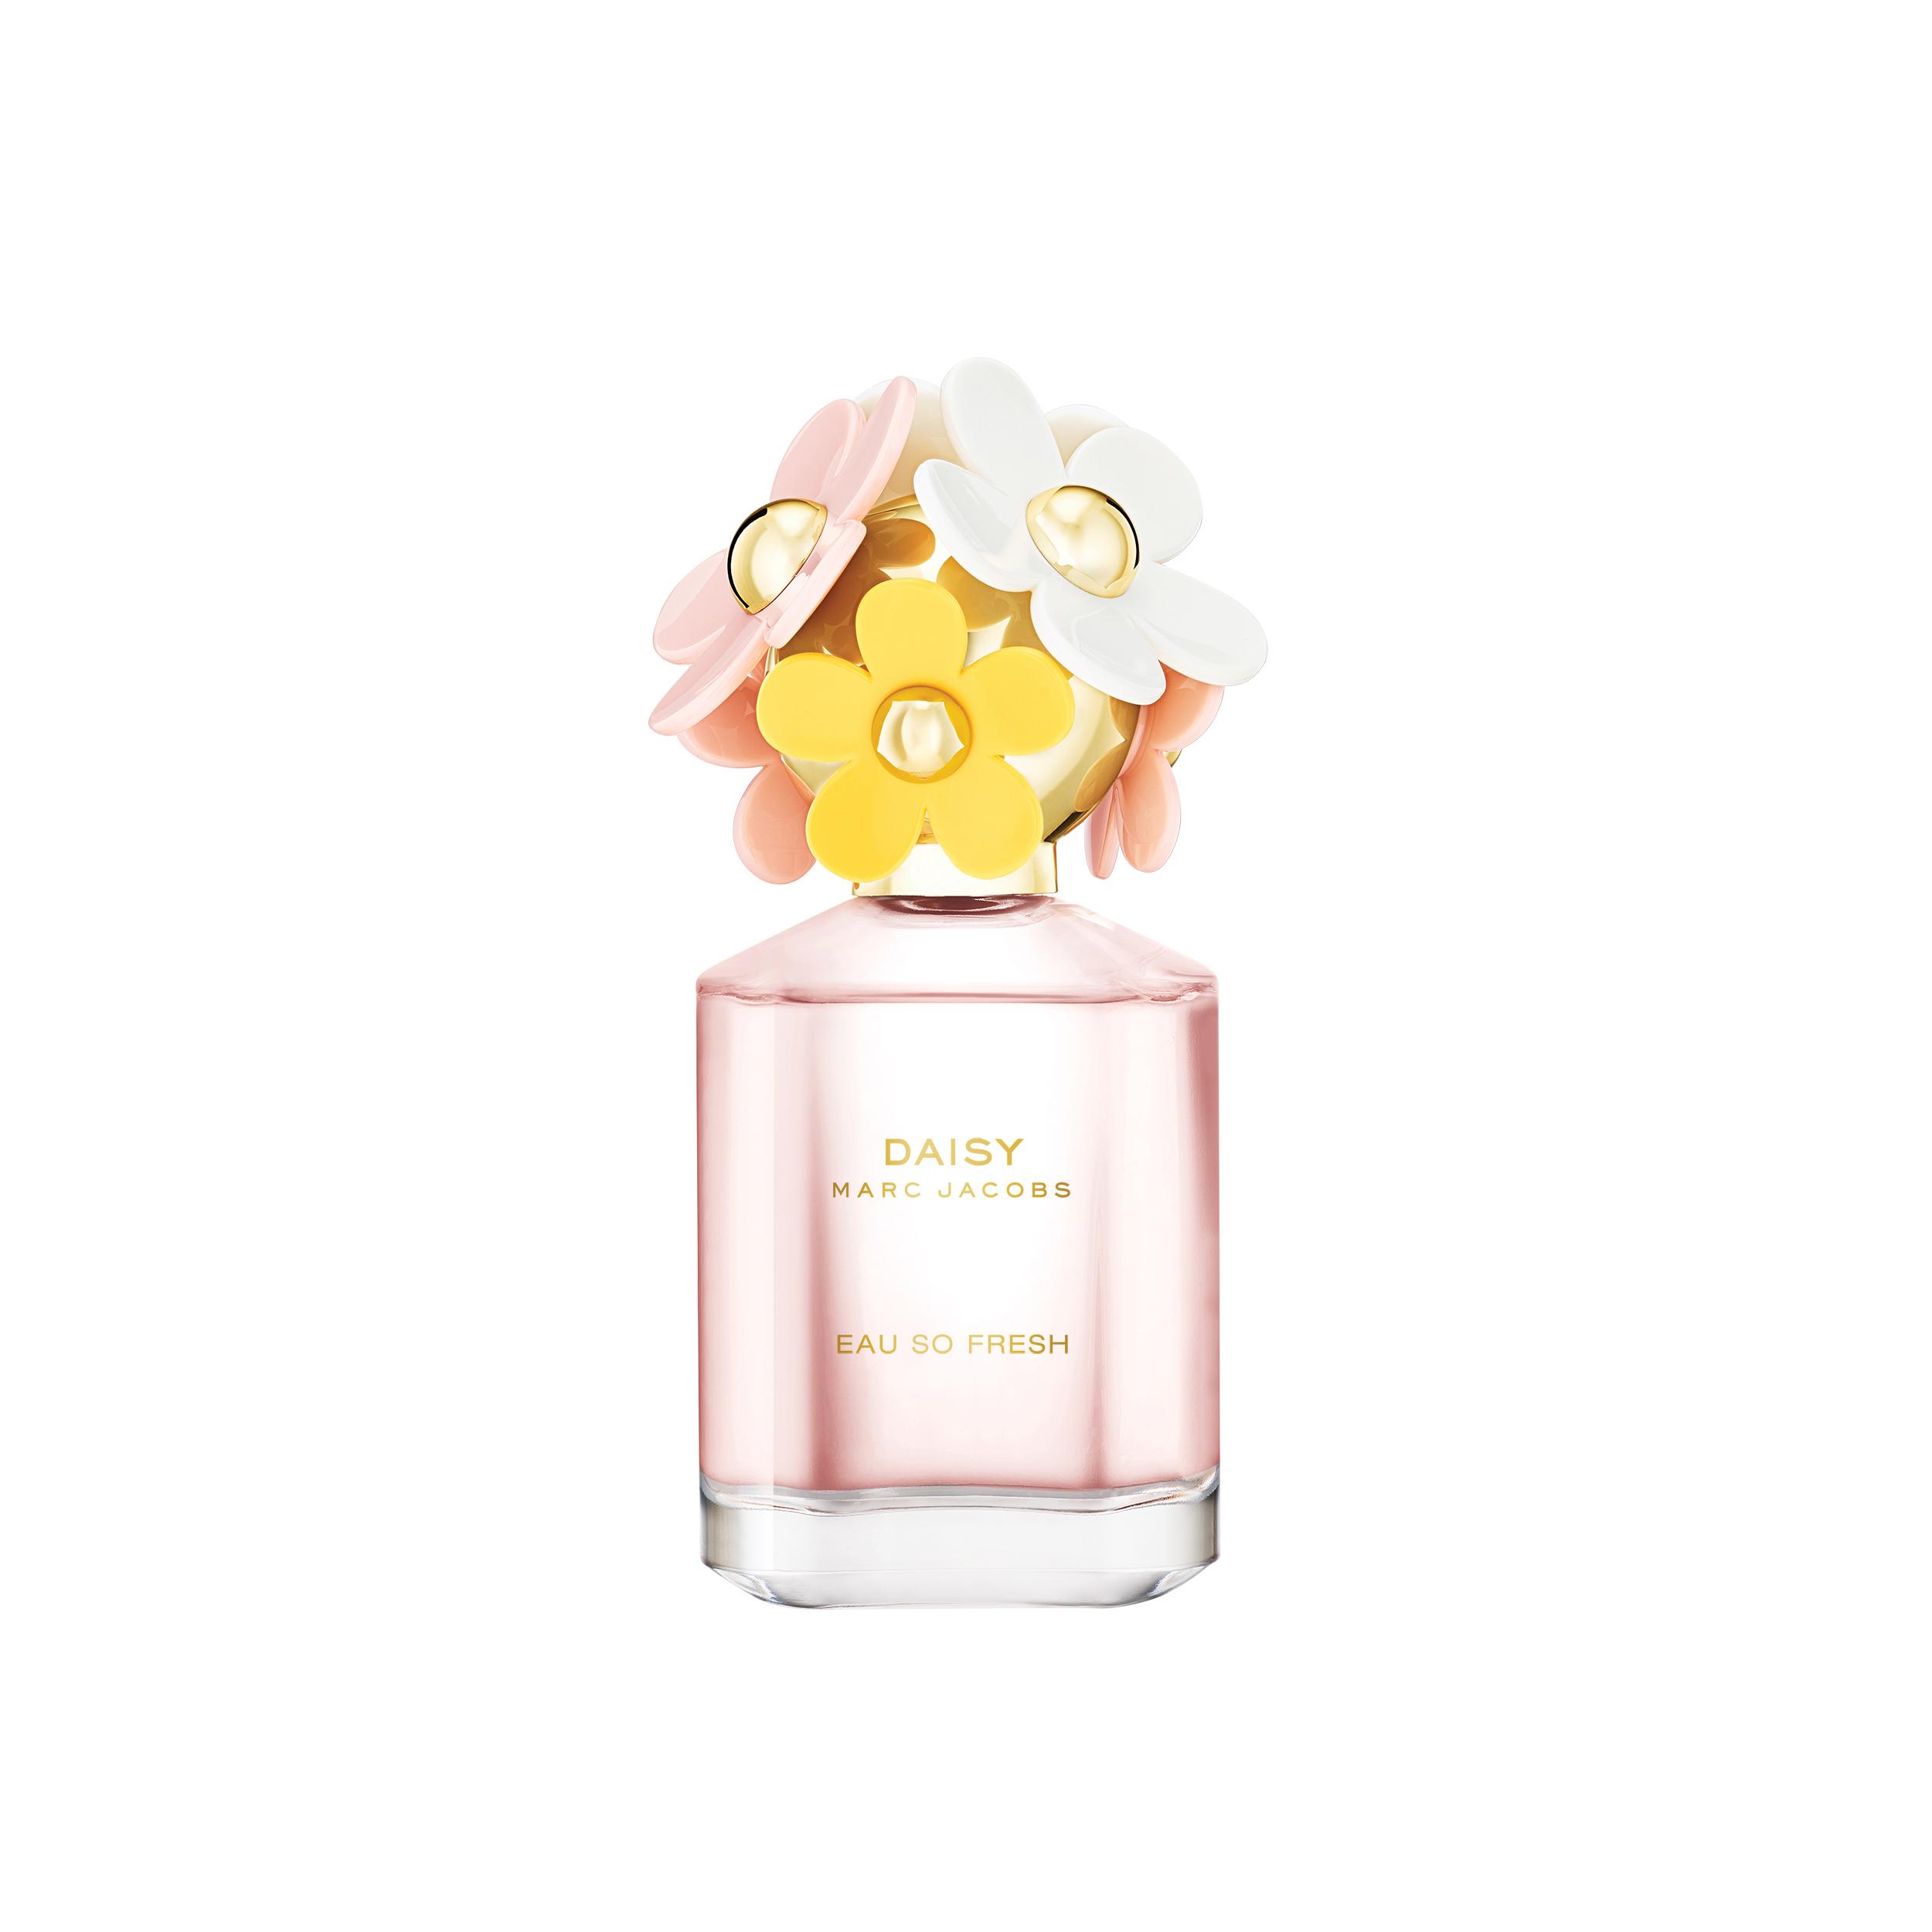 Marc Jacobs parfym KICKS